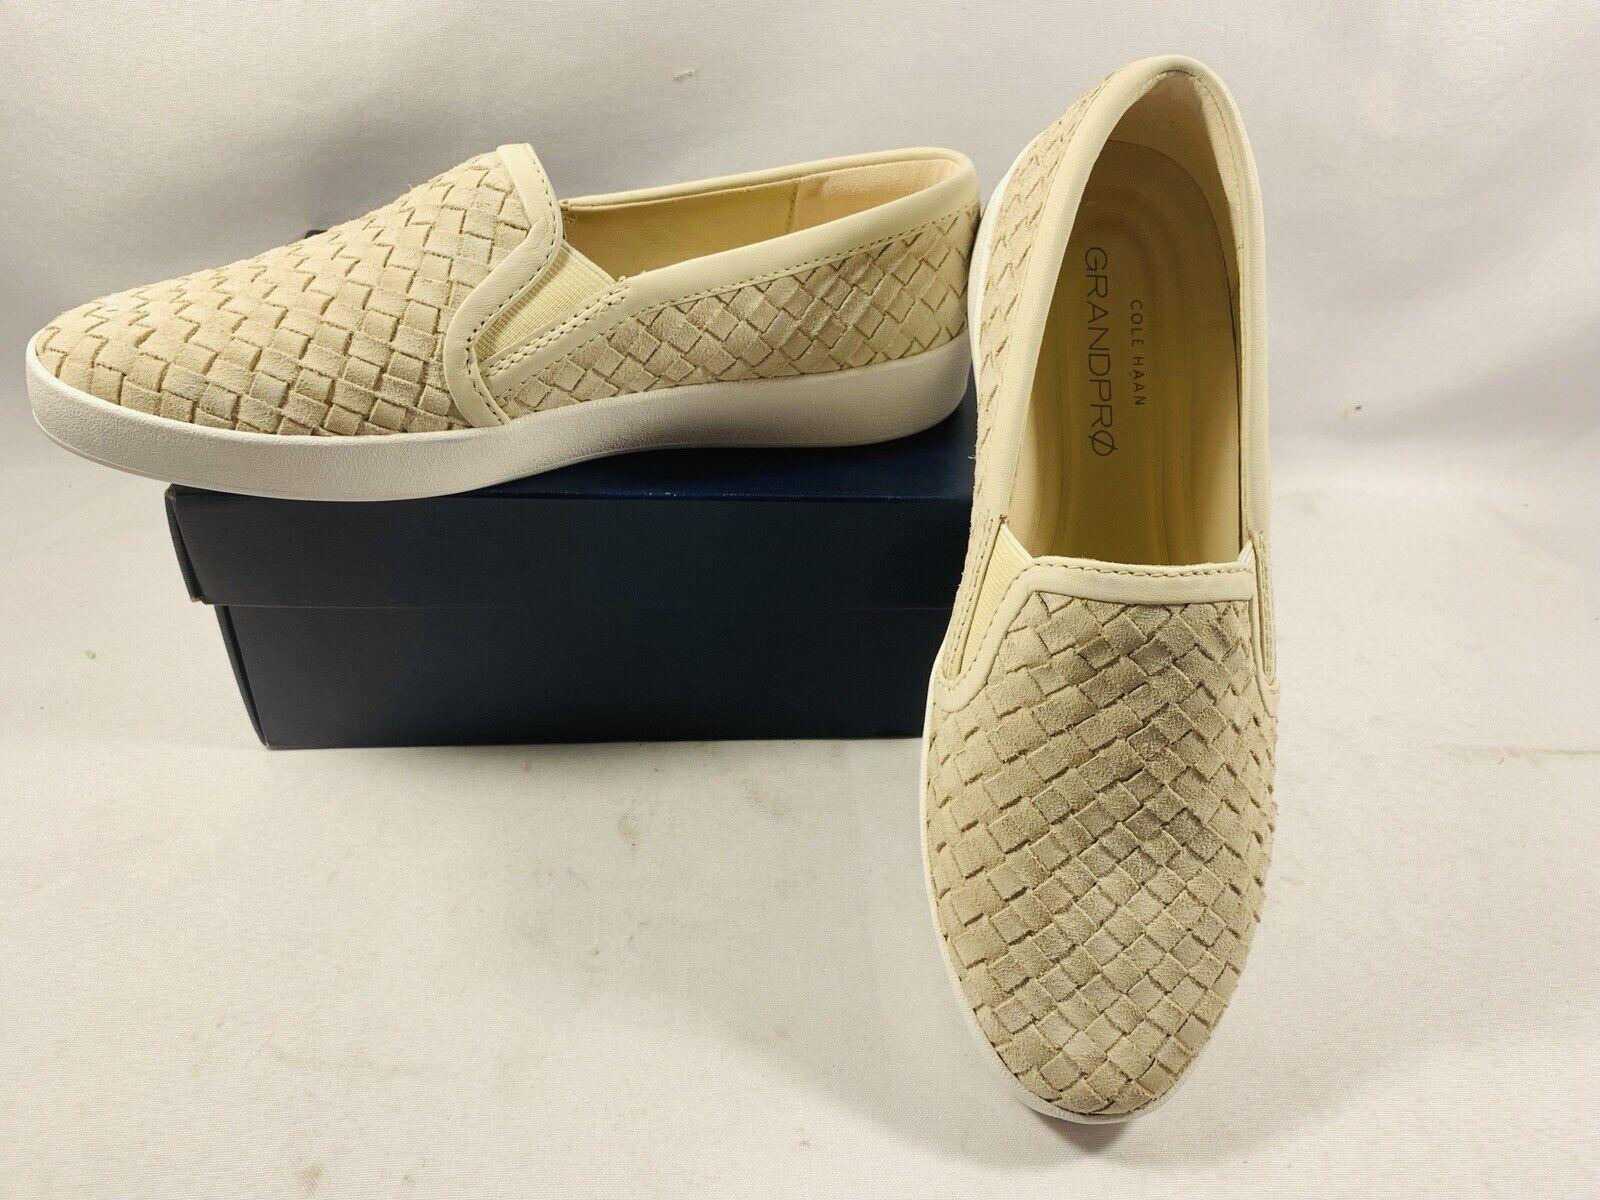 Nuevos zapatos deportivos modelo Colle Haan fehombresino grandpro observador w11025 SZ 9.5